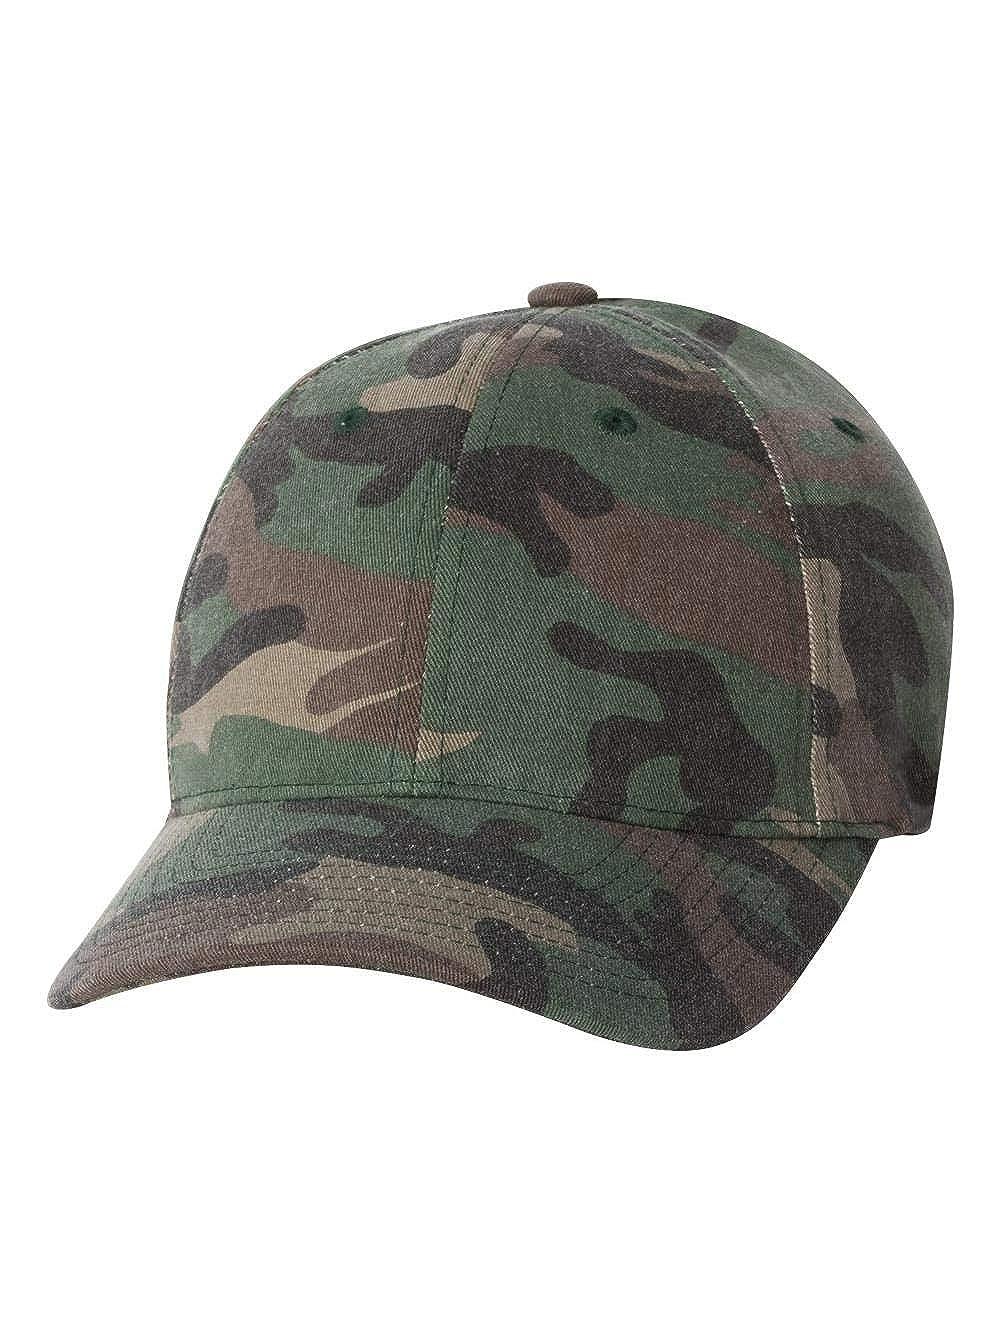 c9ba83e50b302 Flexfit - Camo Cap - 6977CA at Amazon Men s Clothing store